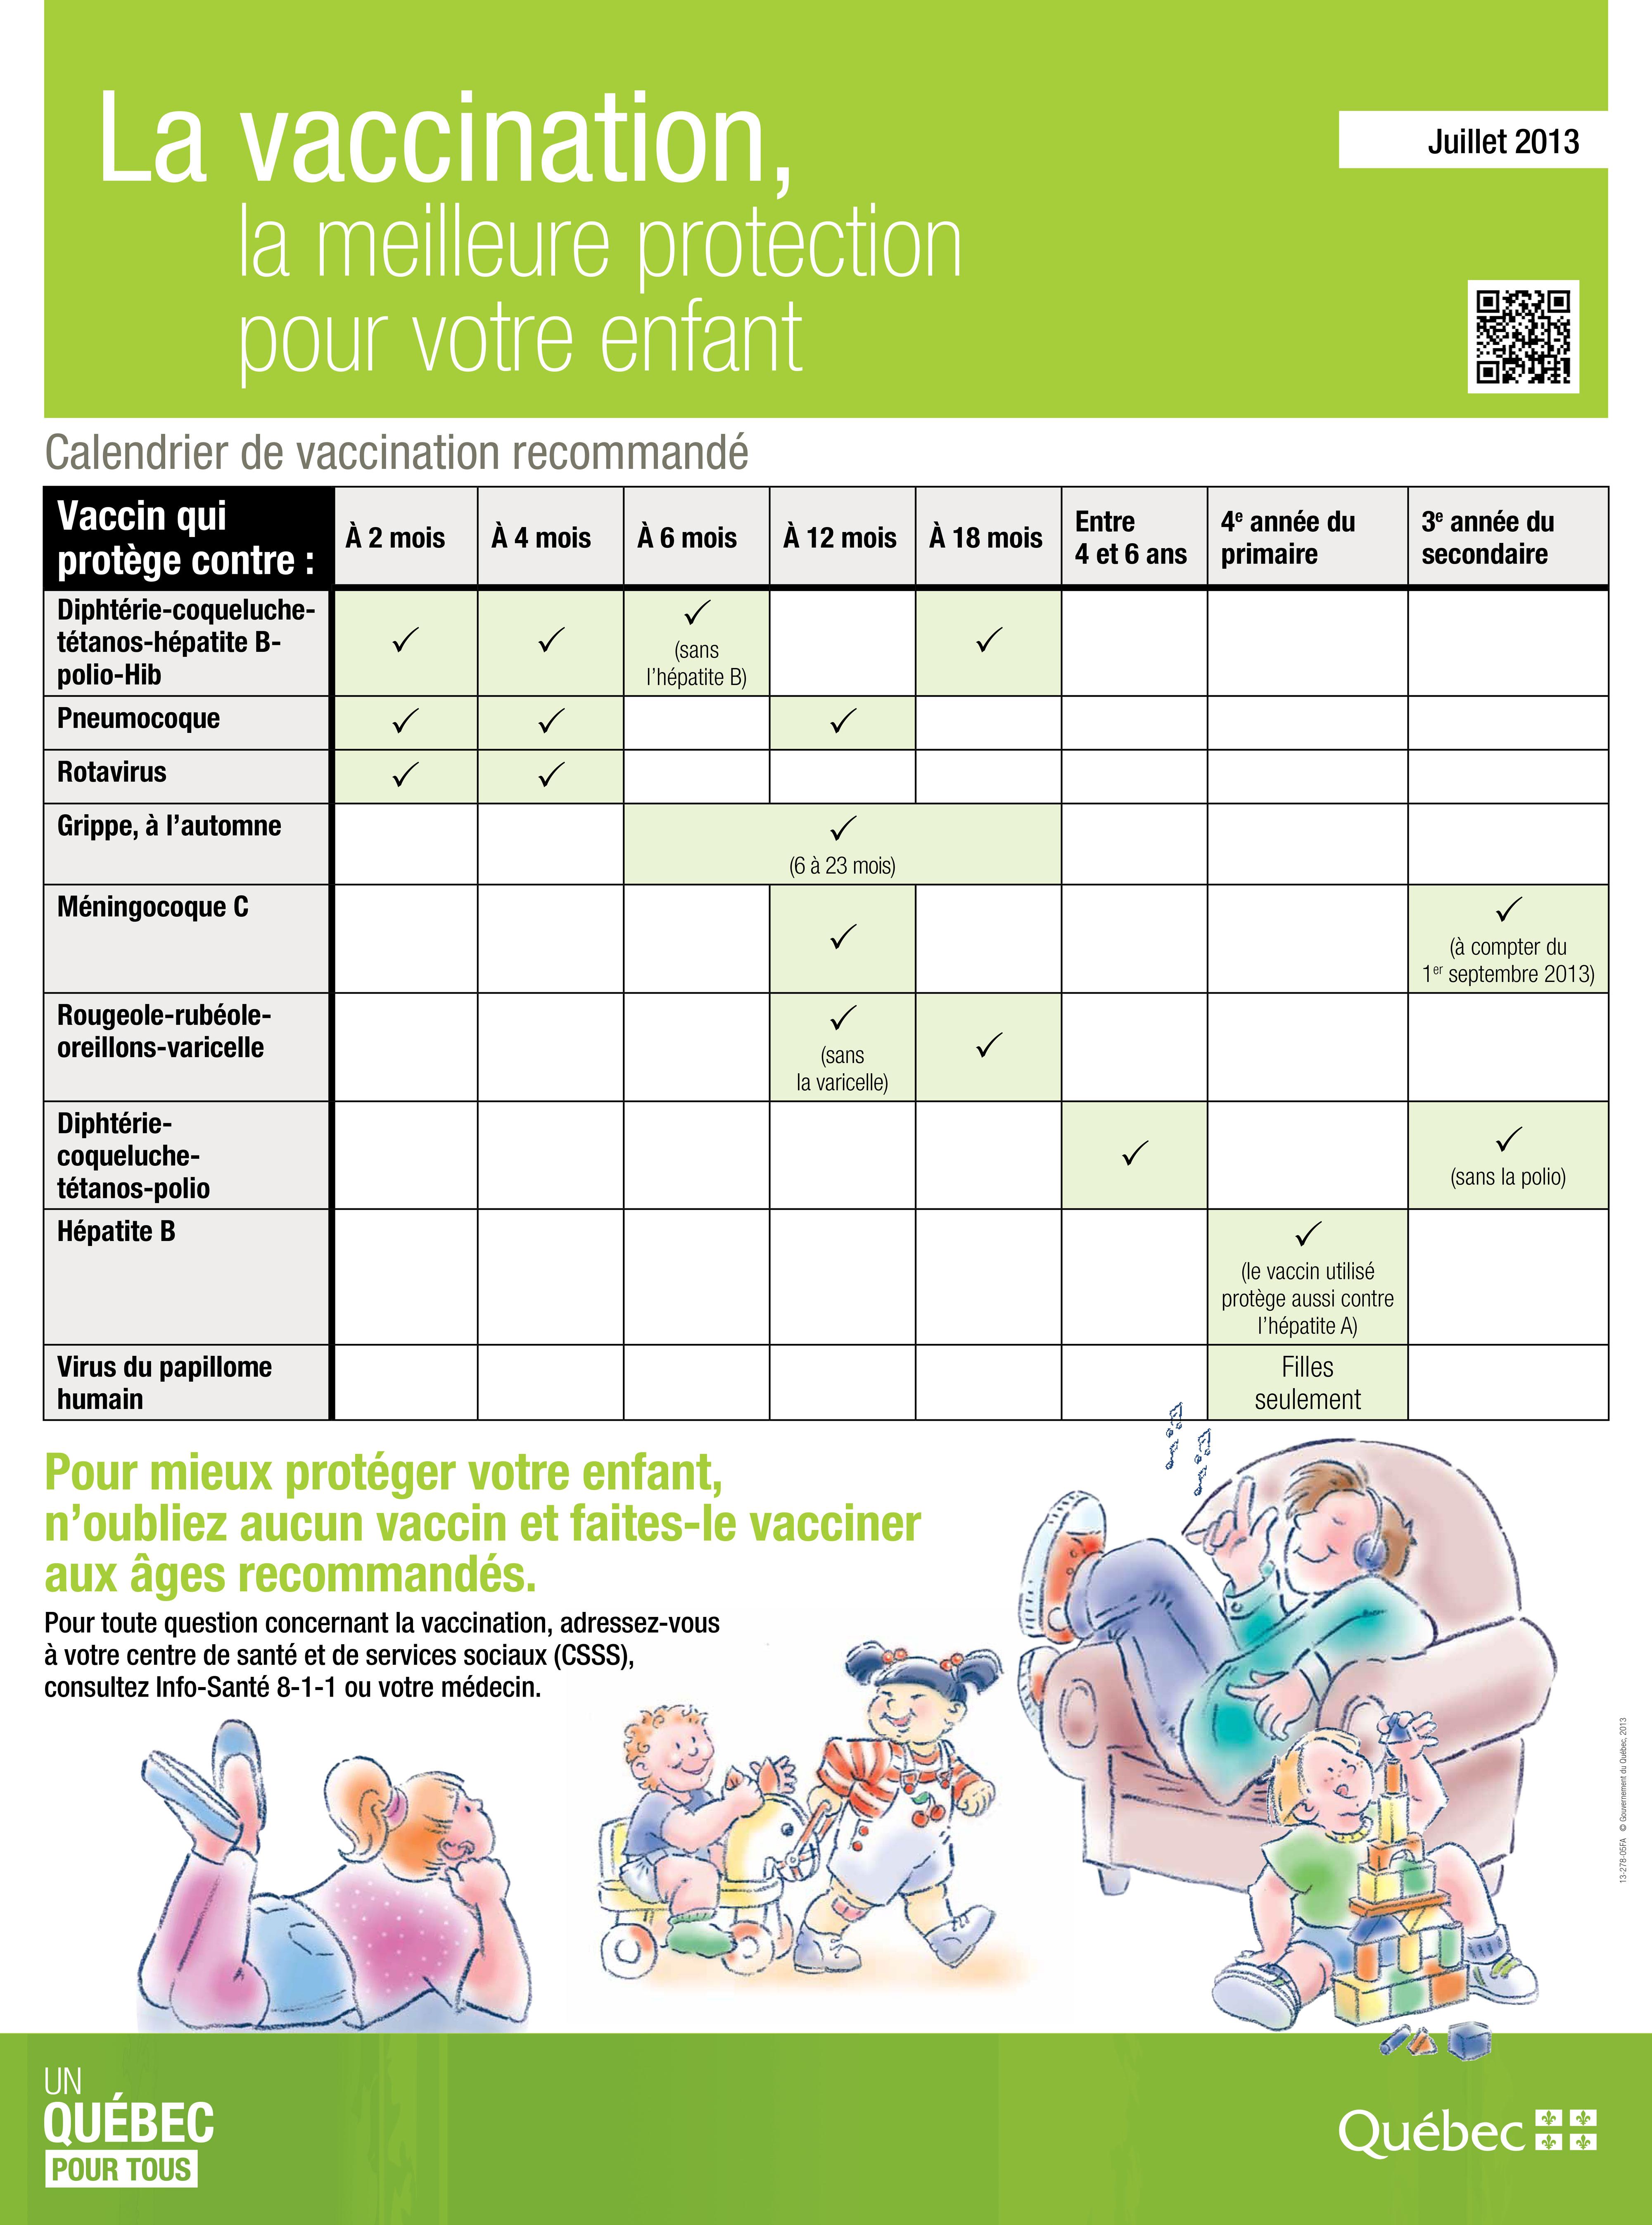 vaccin hepatite b montreal